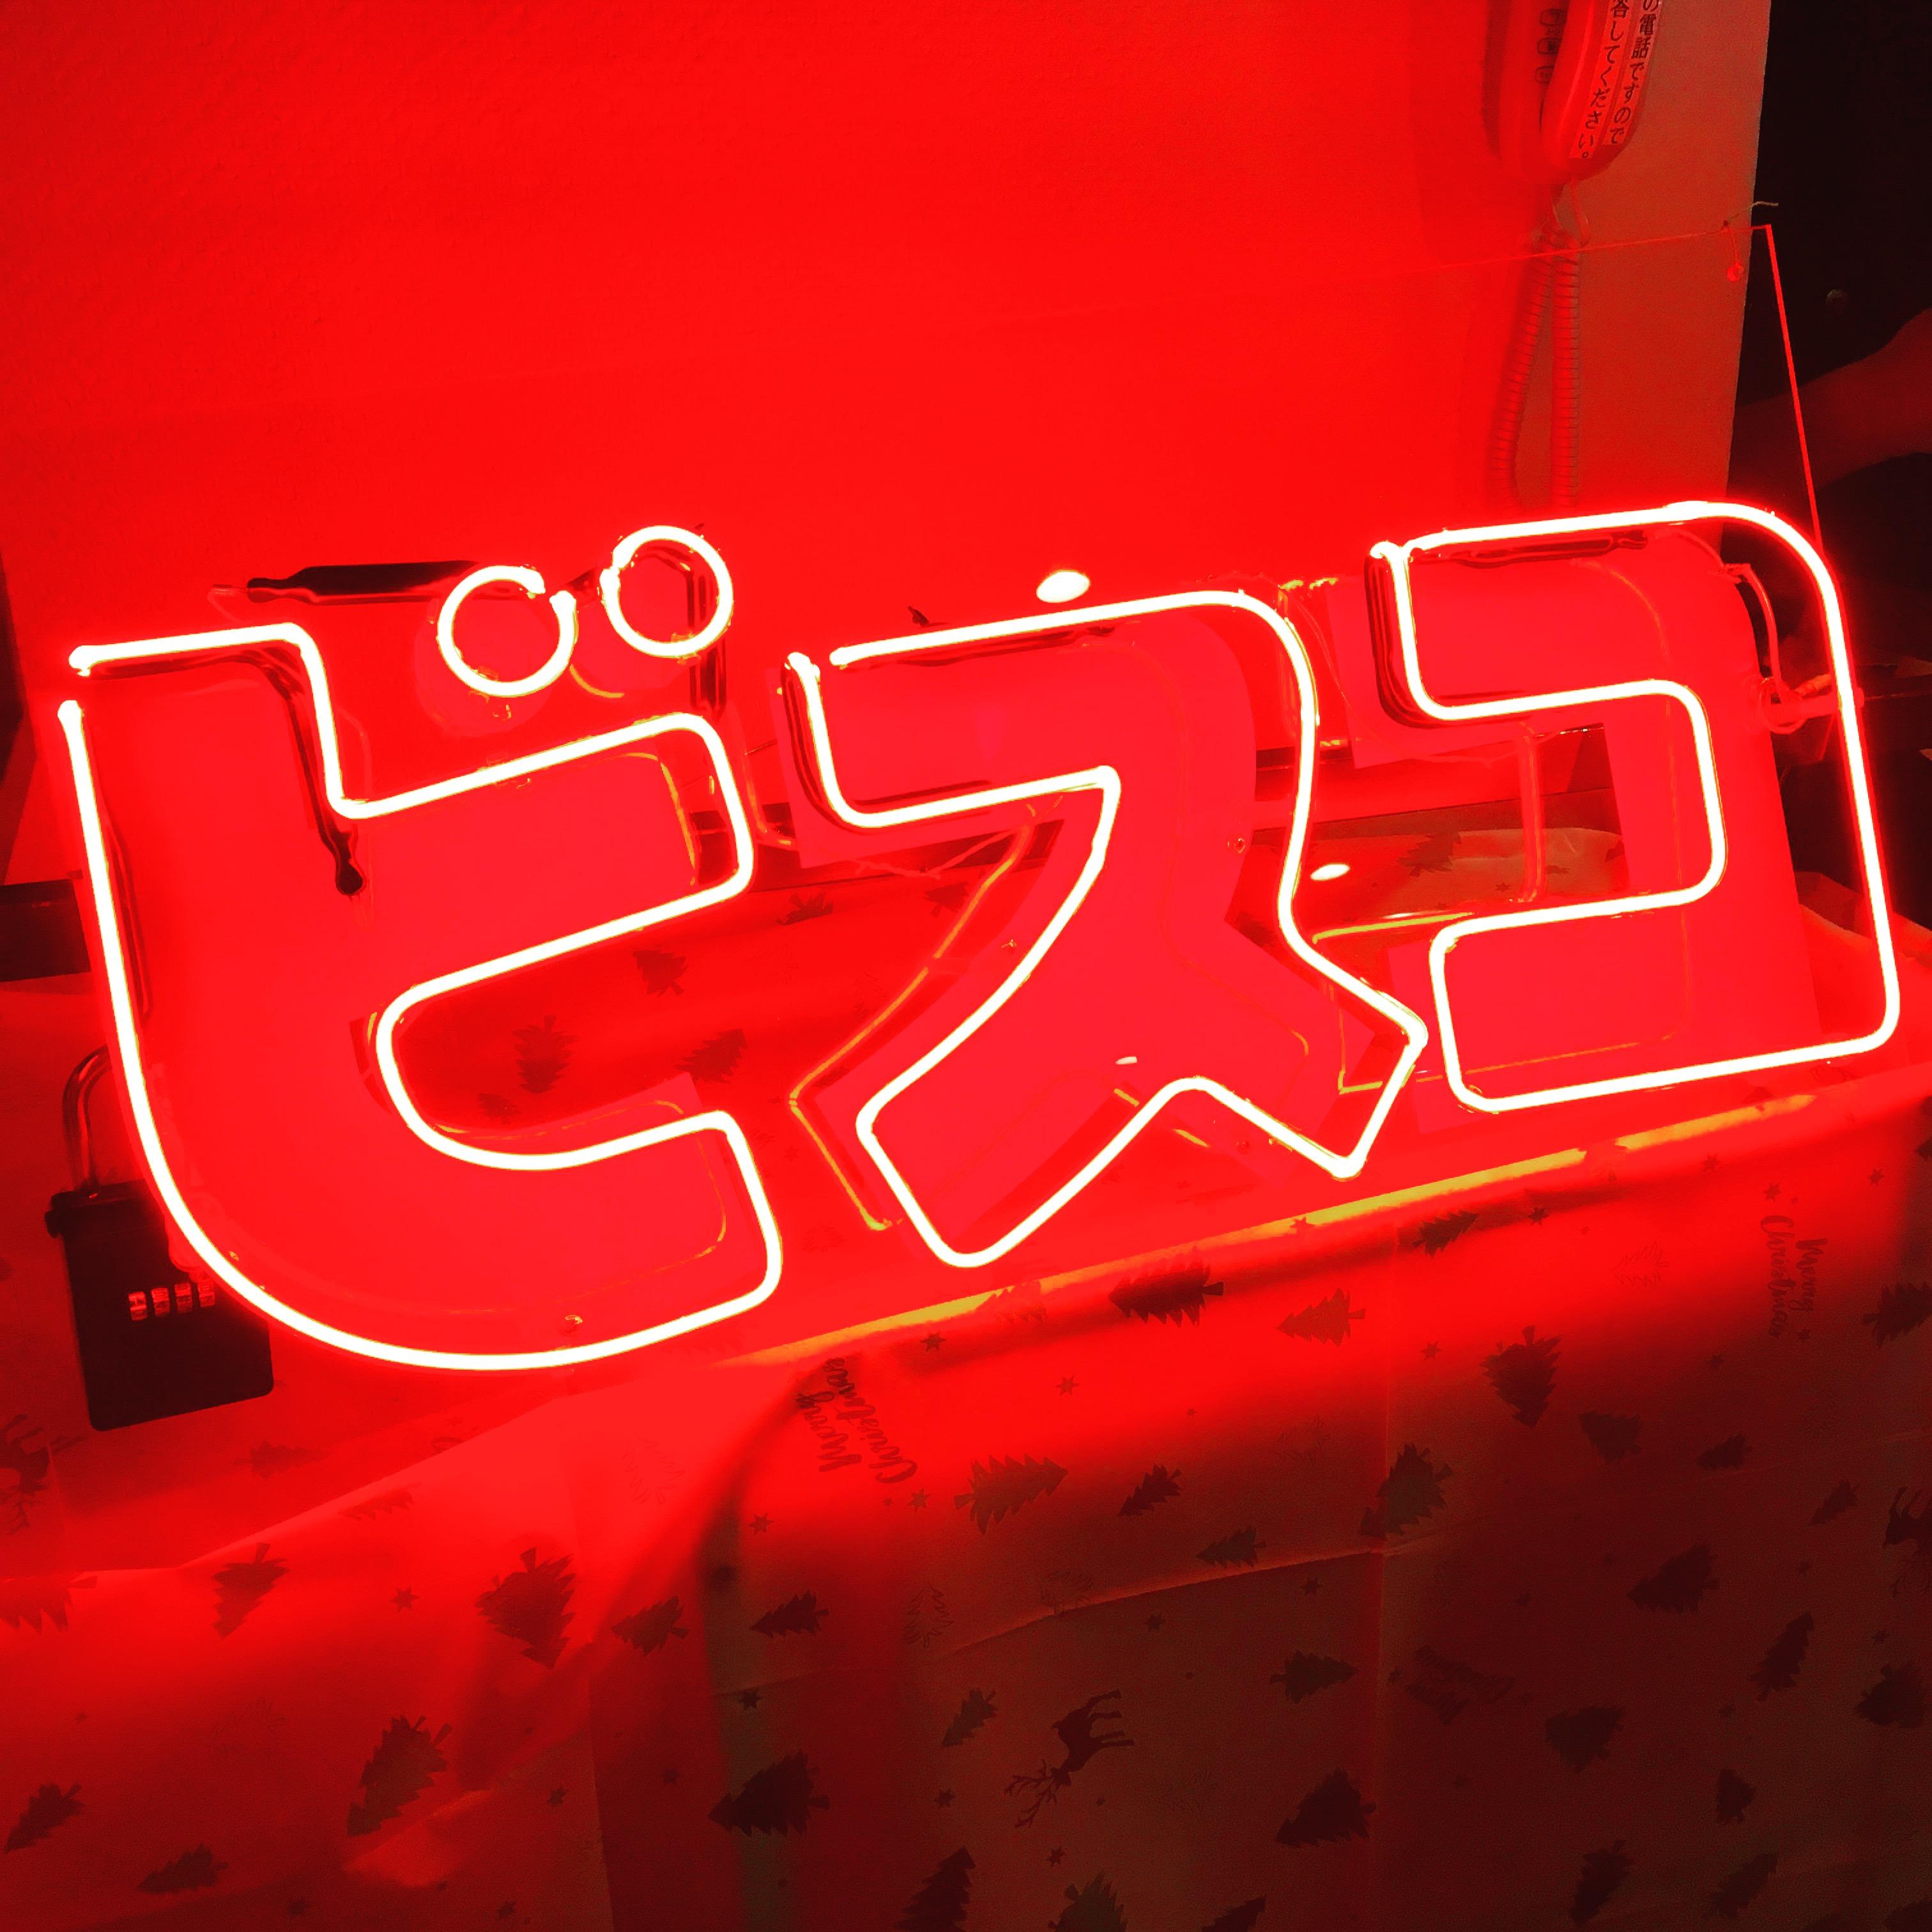 """ビスコLOVERが集まるクローズドイベント!""""ビスコ クリスマスファンミーティング""""に参加してきました♡_1"""